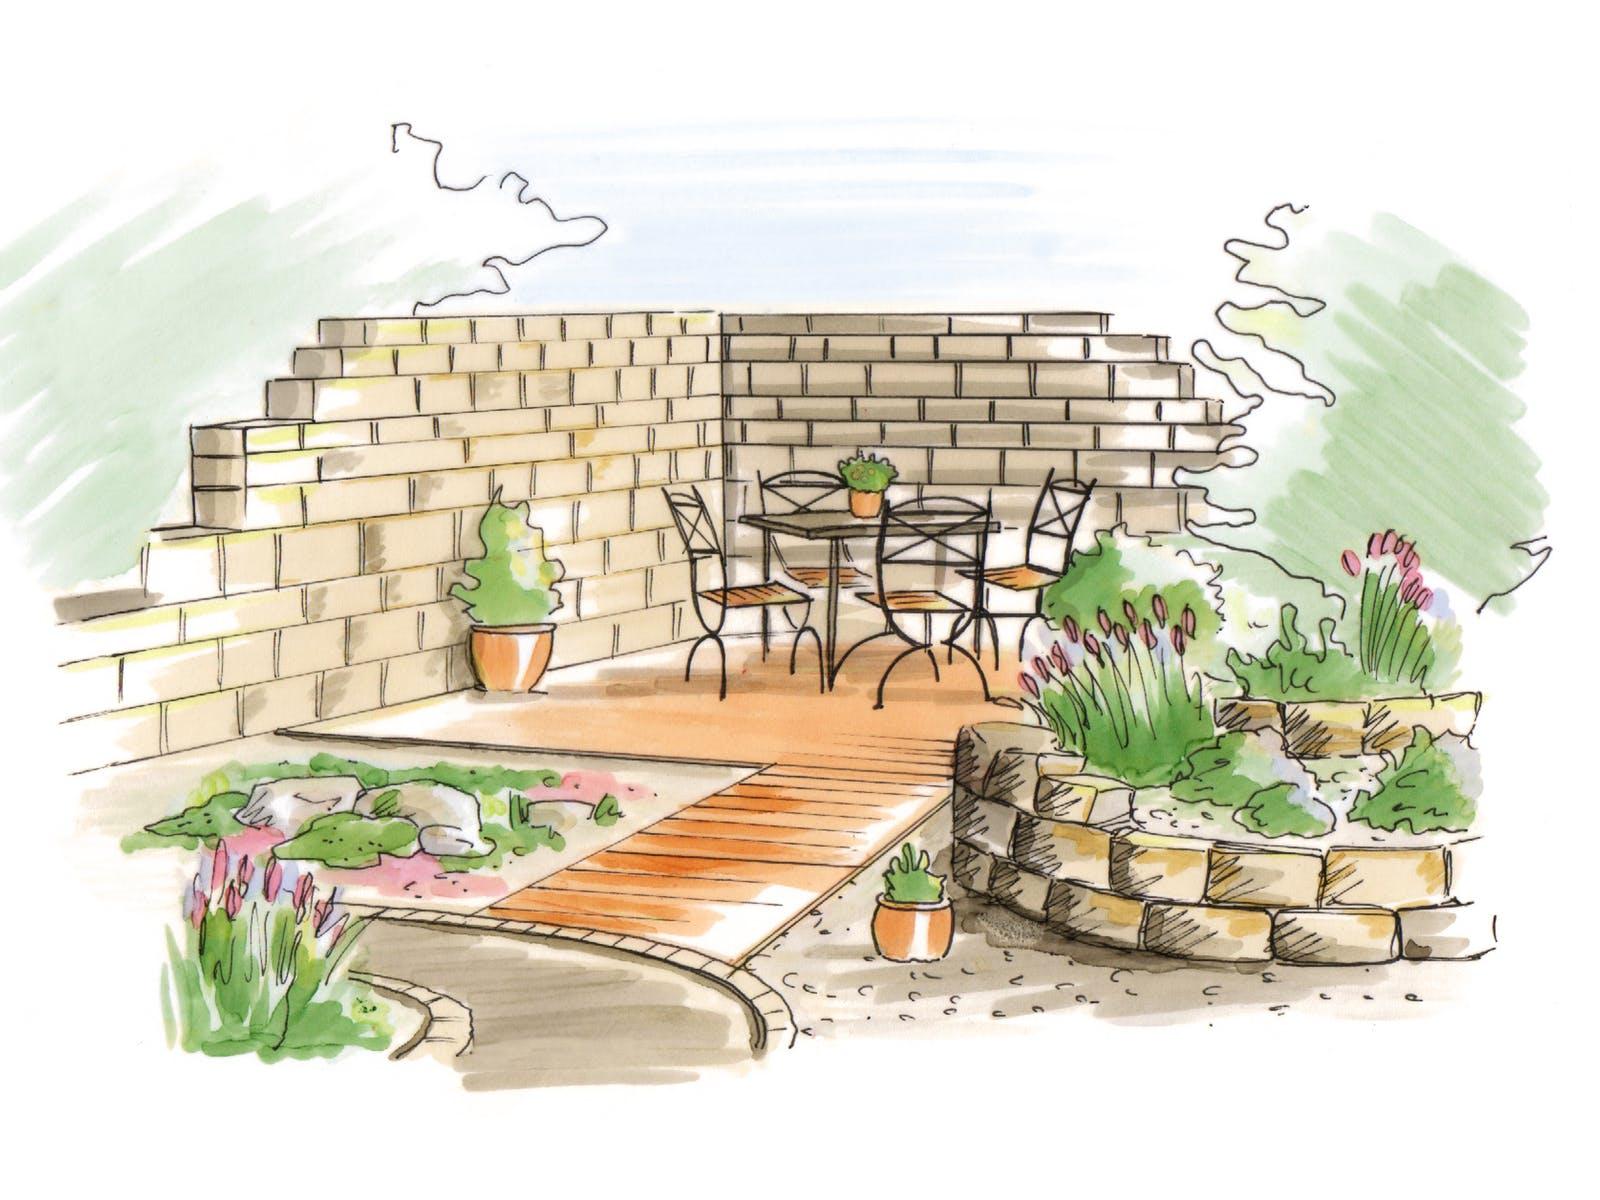 Mediterrane Gartengestaltung Neu Terrassengestaltung Mediterran Bilder tolle Und